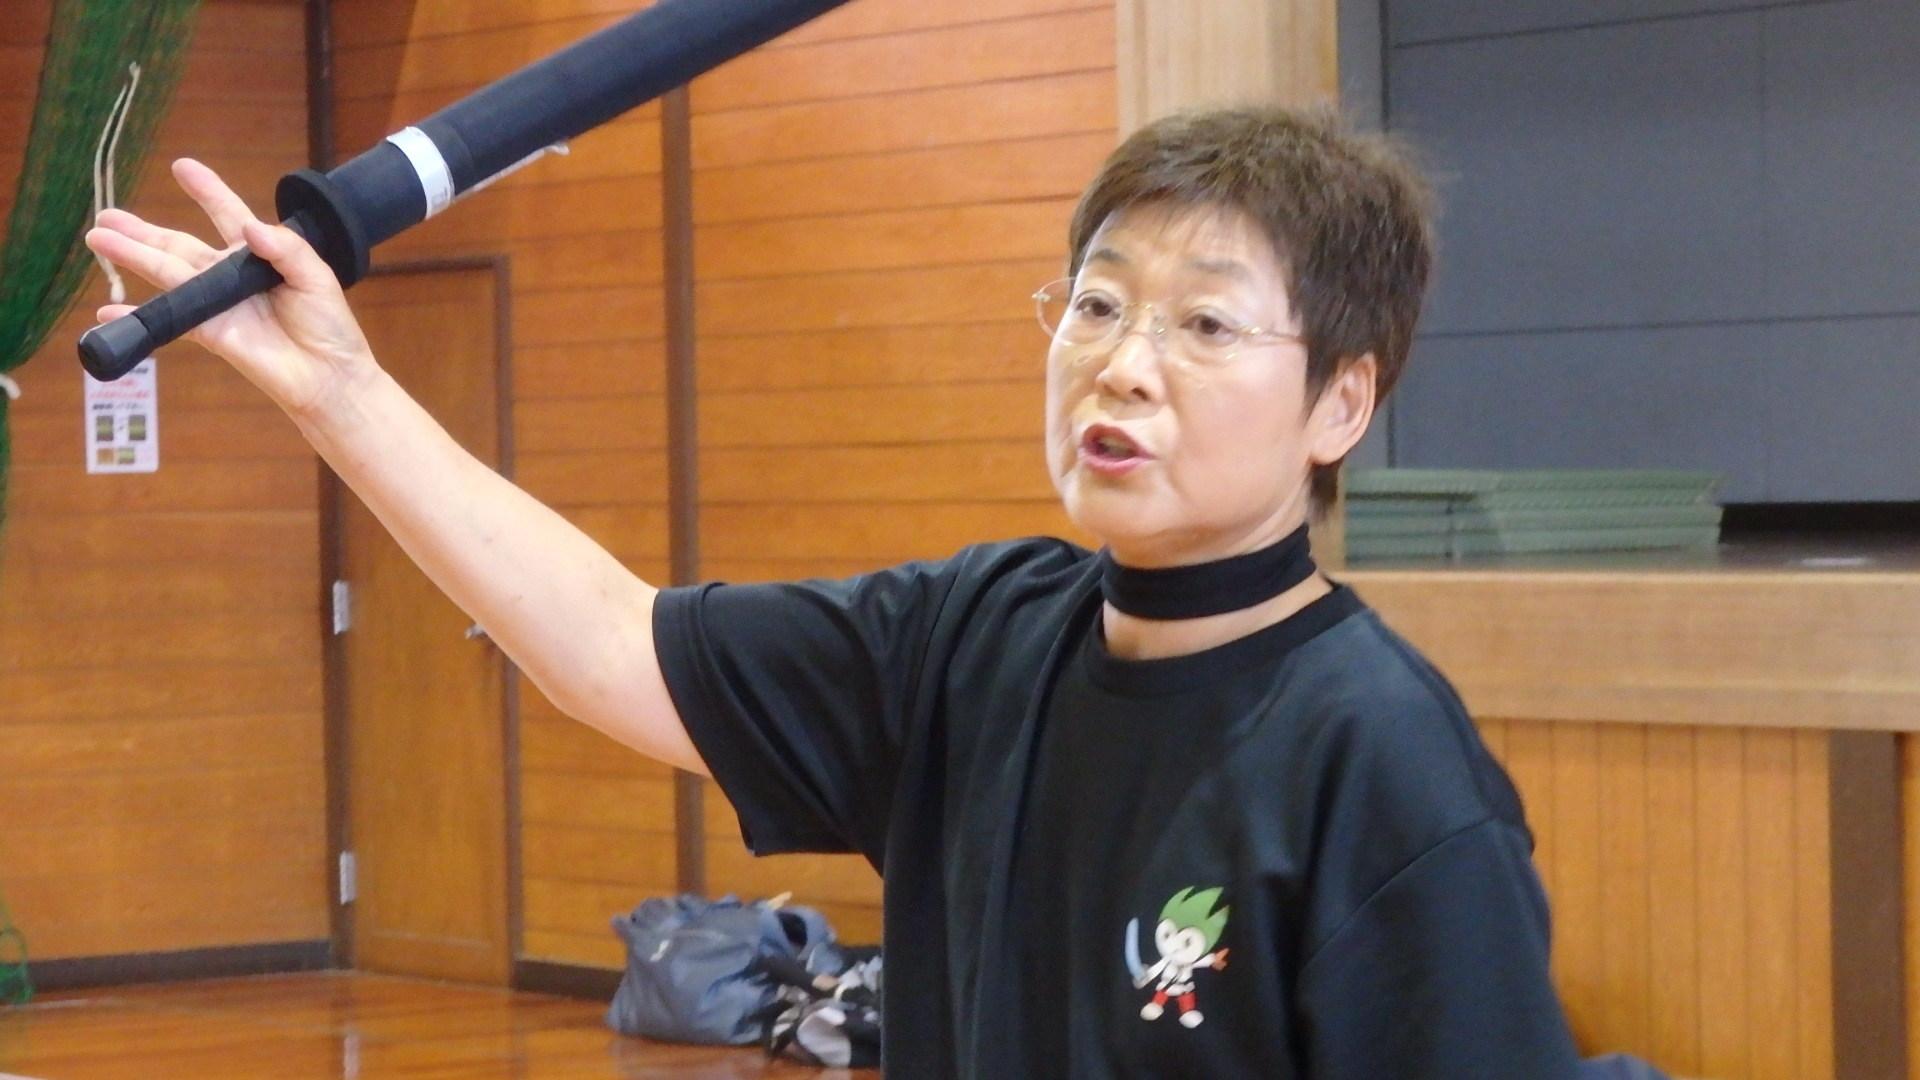 勇ましい剣士誕生!「スポーツチャンバラ + お楽しみ会」_b0239402_16565754.jpg